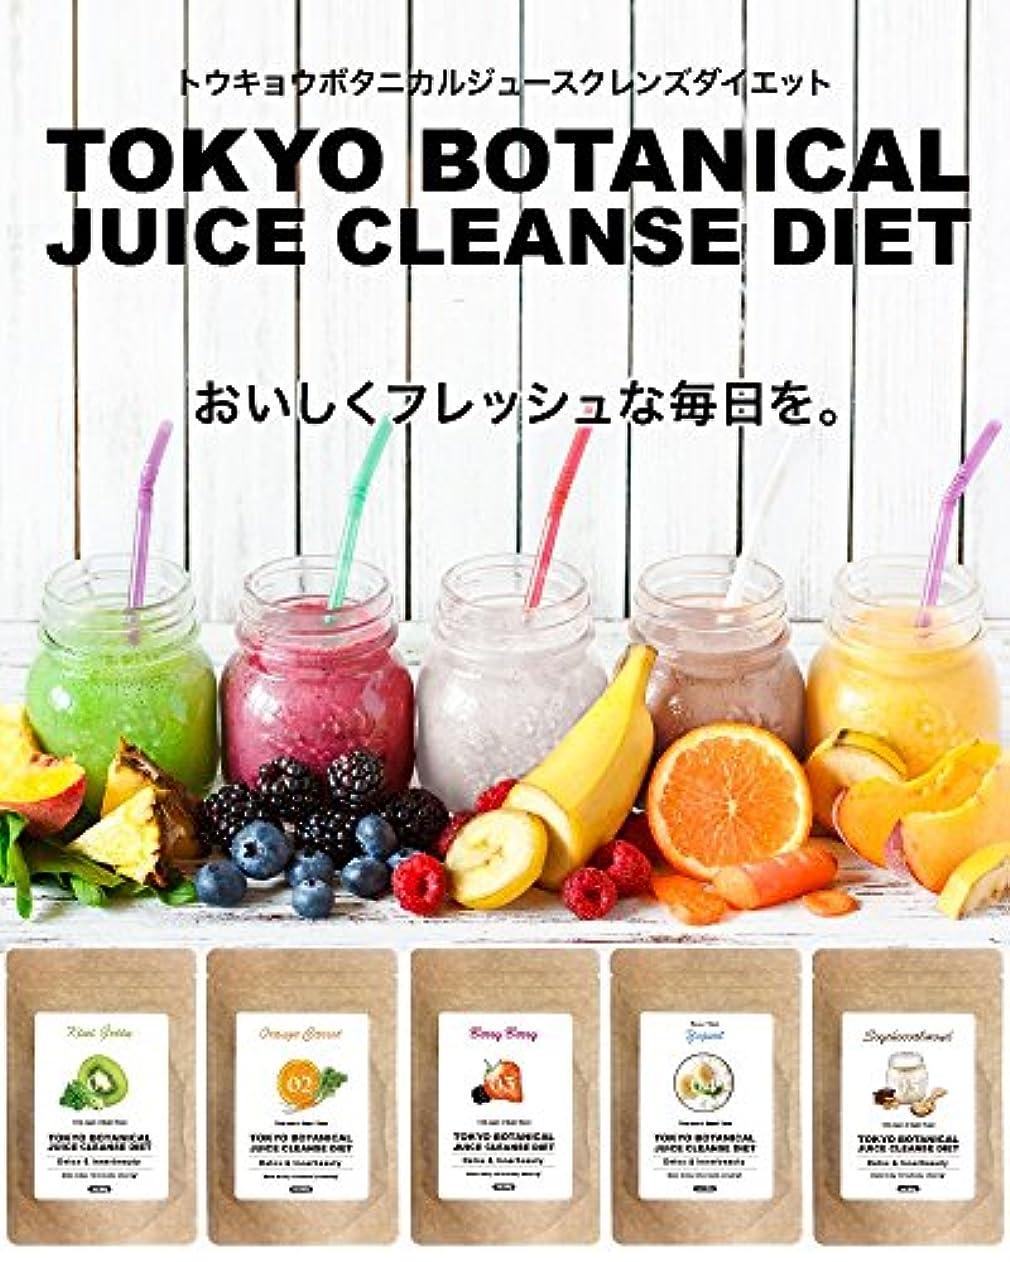 甘美な出発する夫婦TOKYO BOTANICAL JUICE CLEANSE DIET(Kiwi Green)